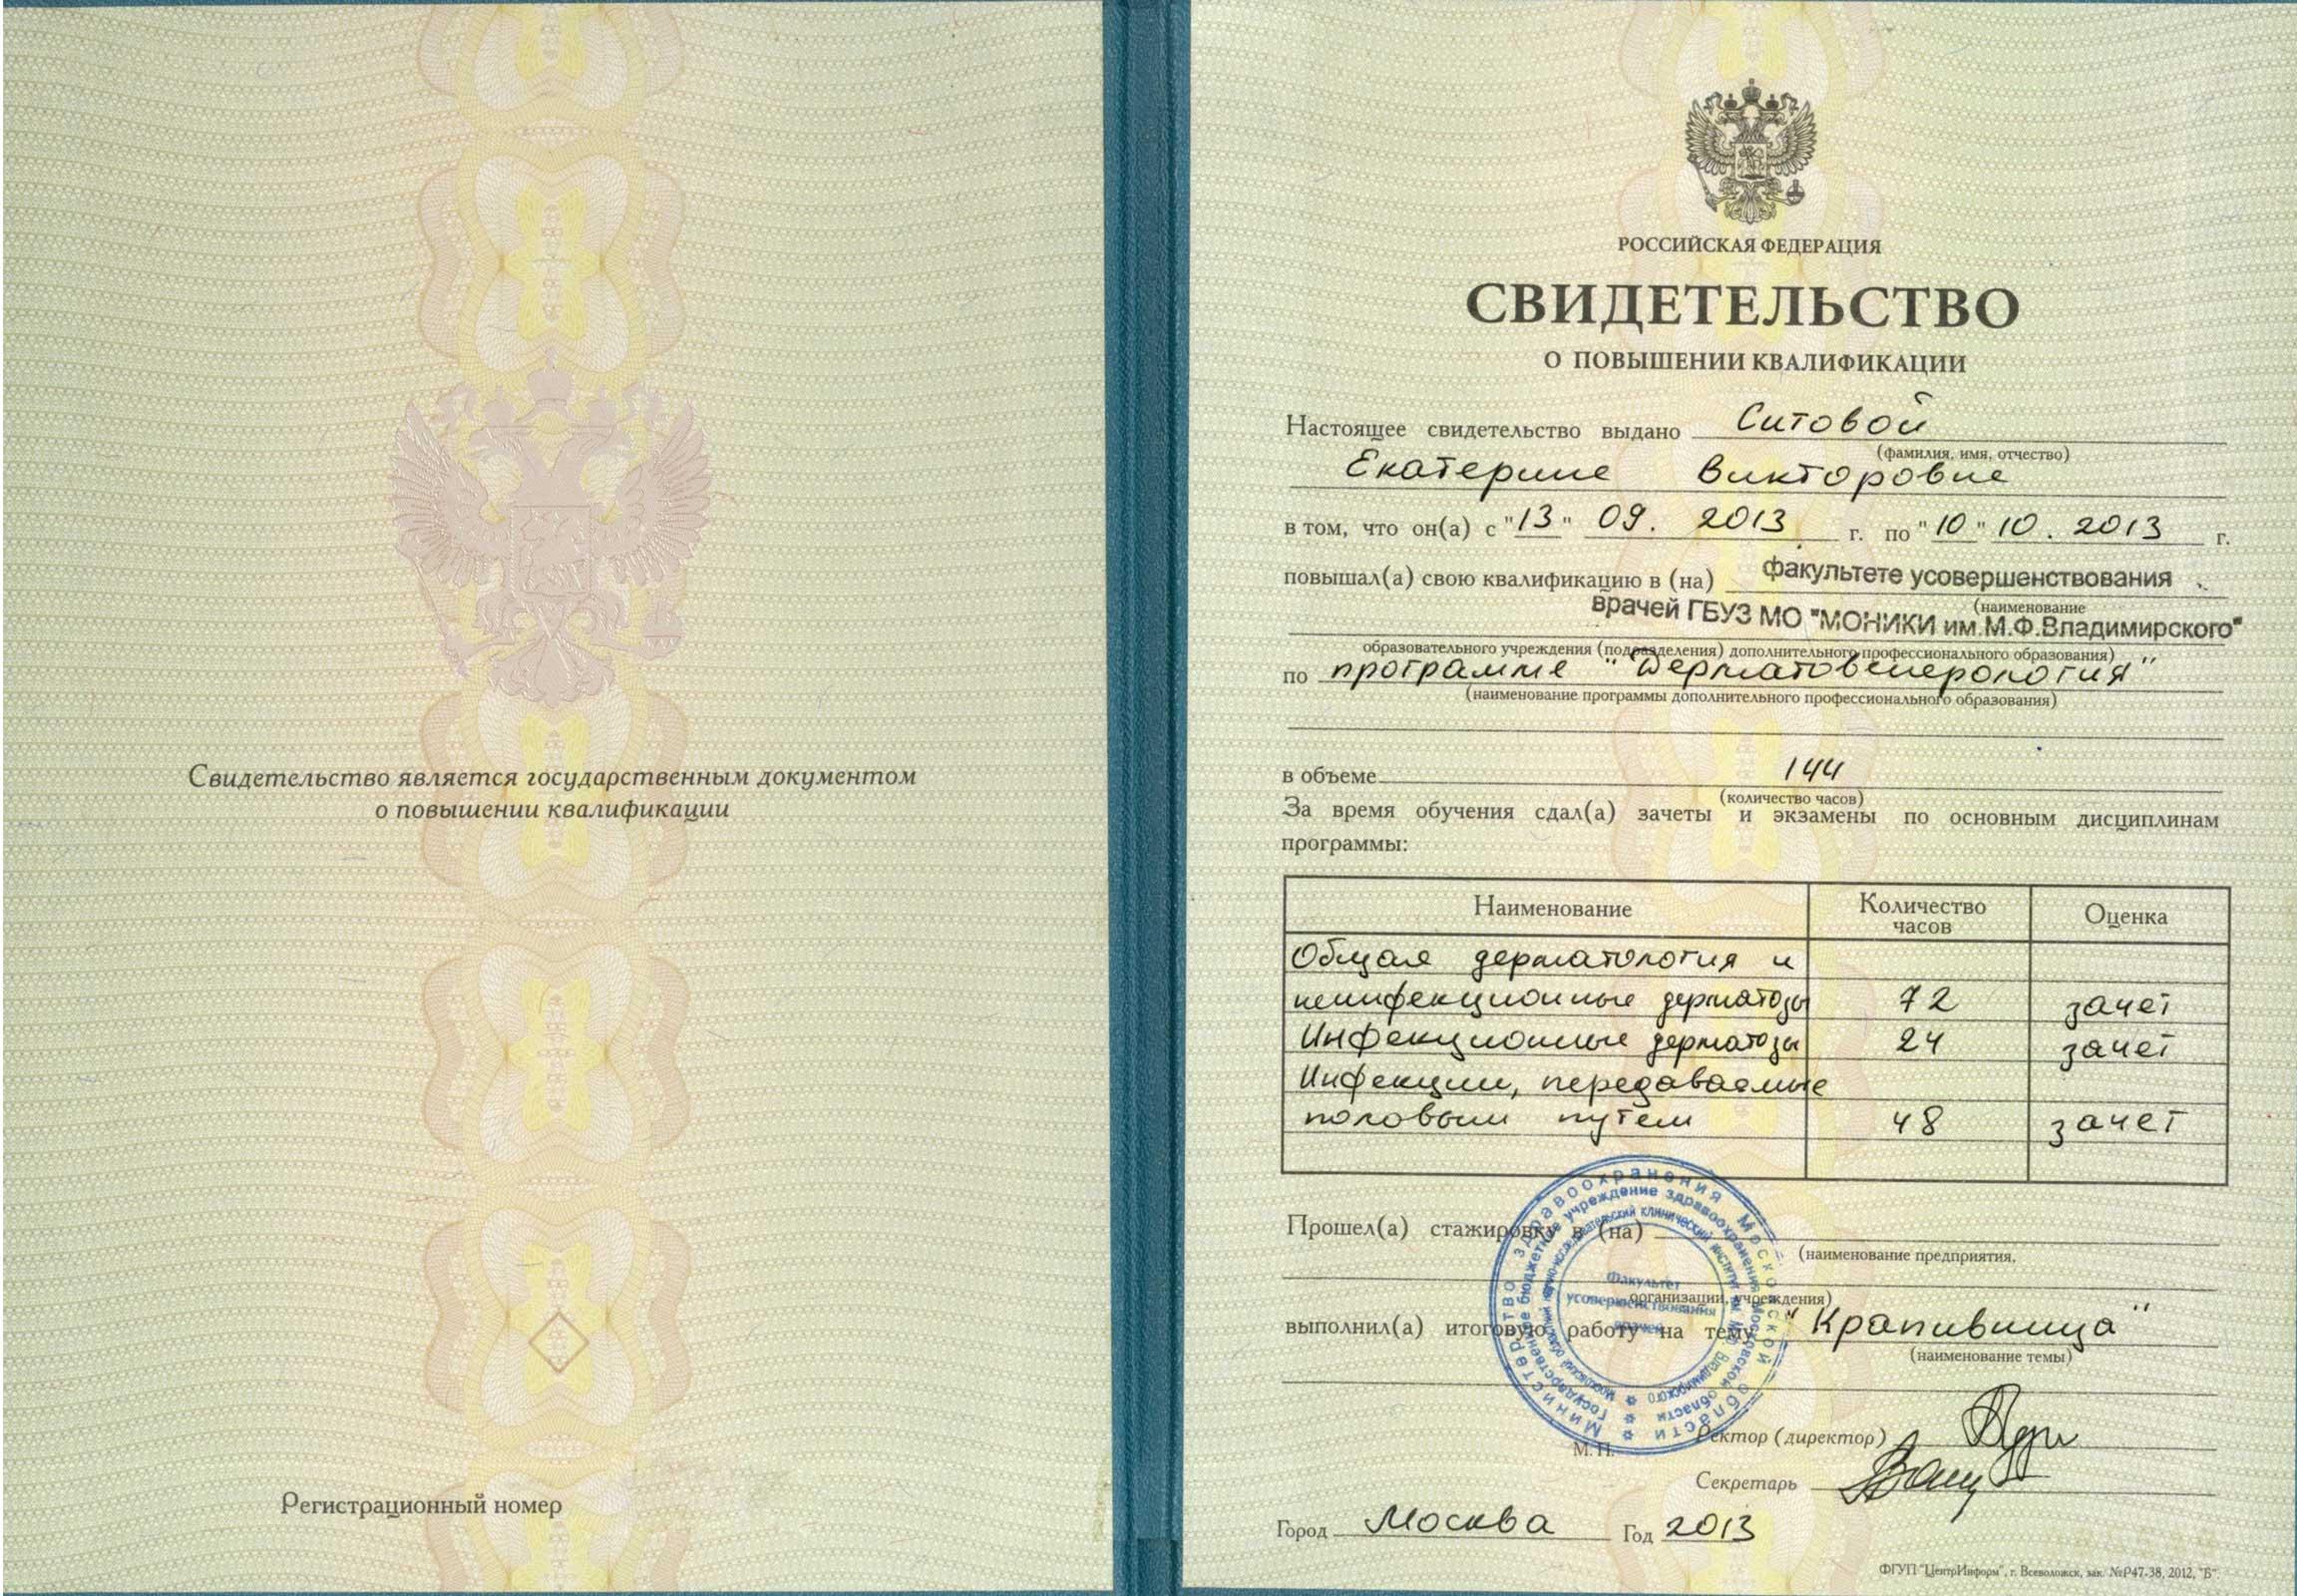 Свидетельство о повышении квалификации трихолога Ситовой Е.В